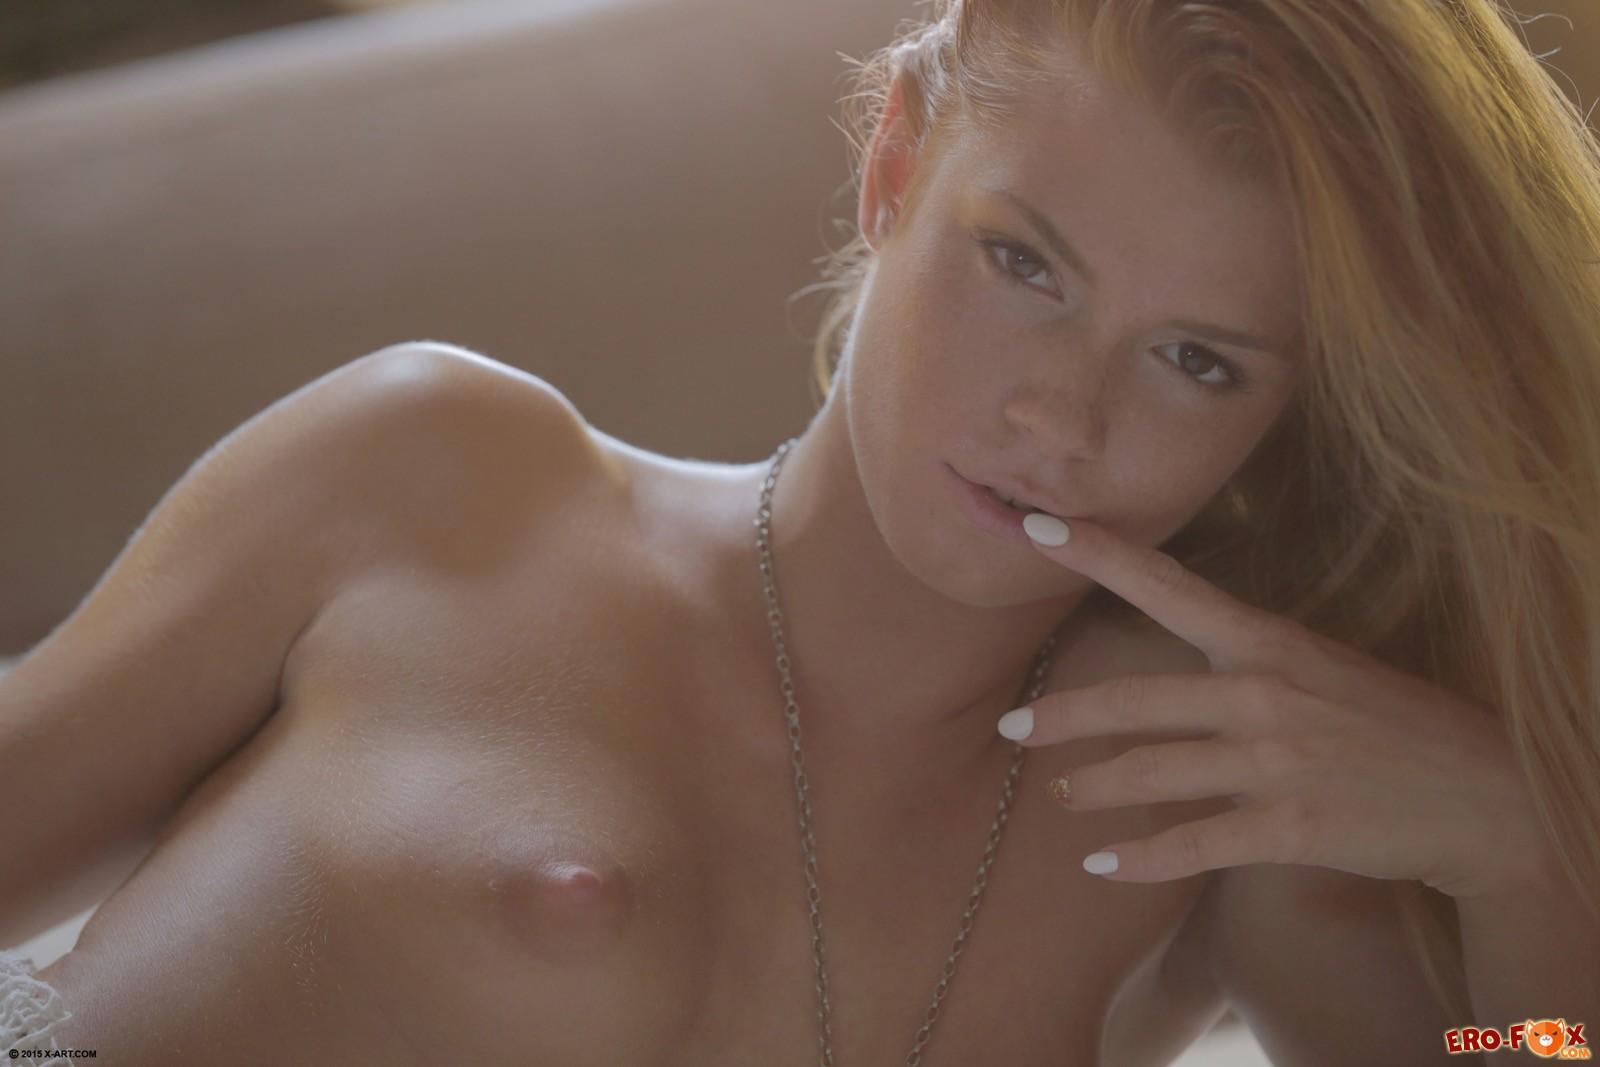 Девушка с голой грудью встает раком в постели